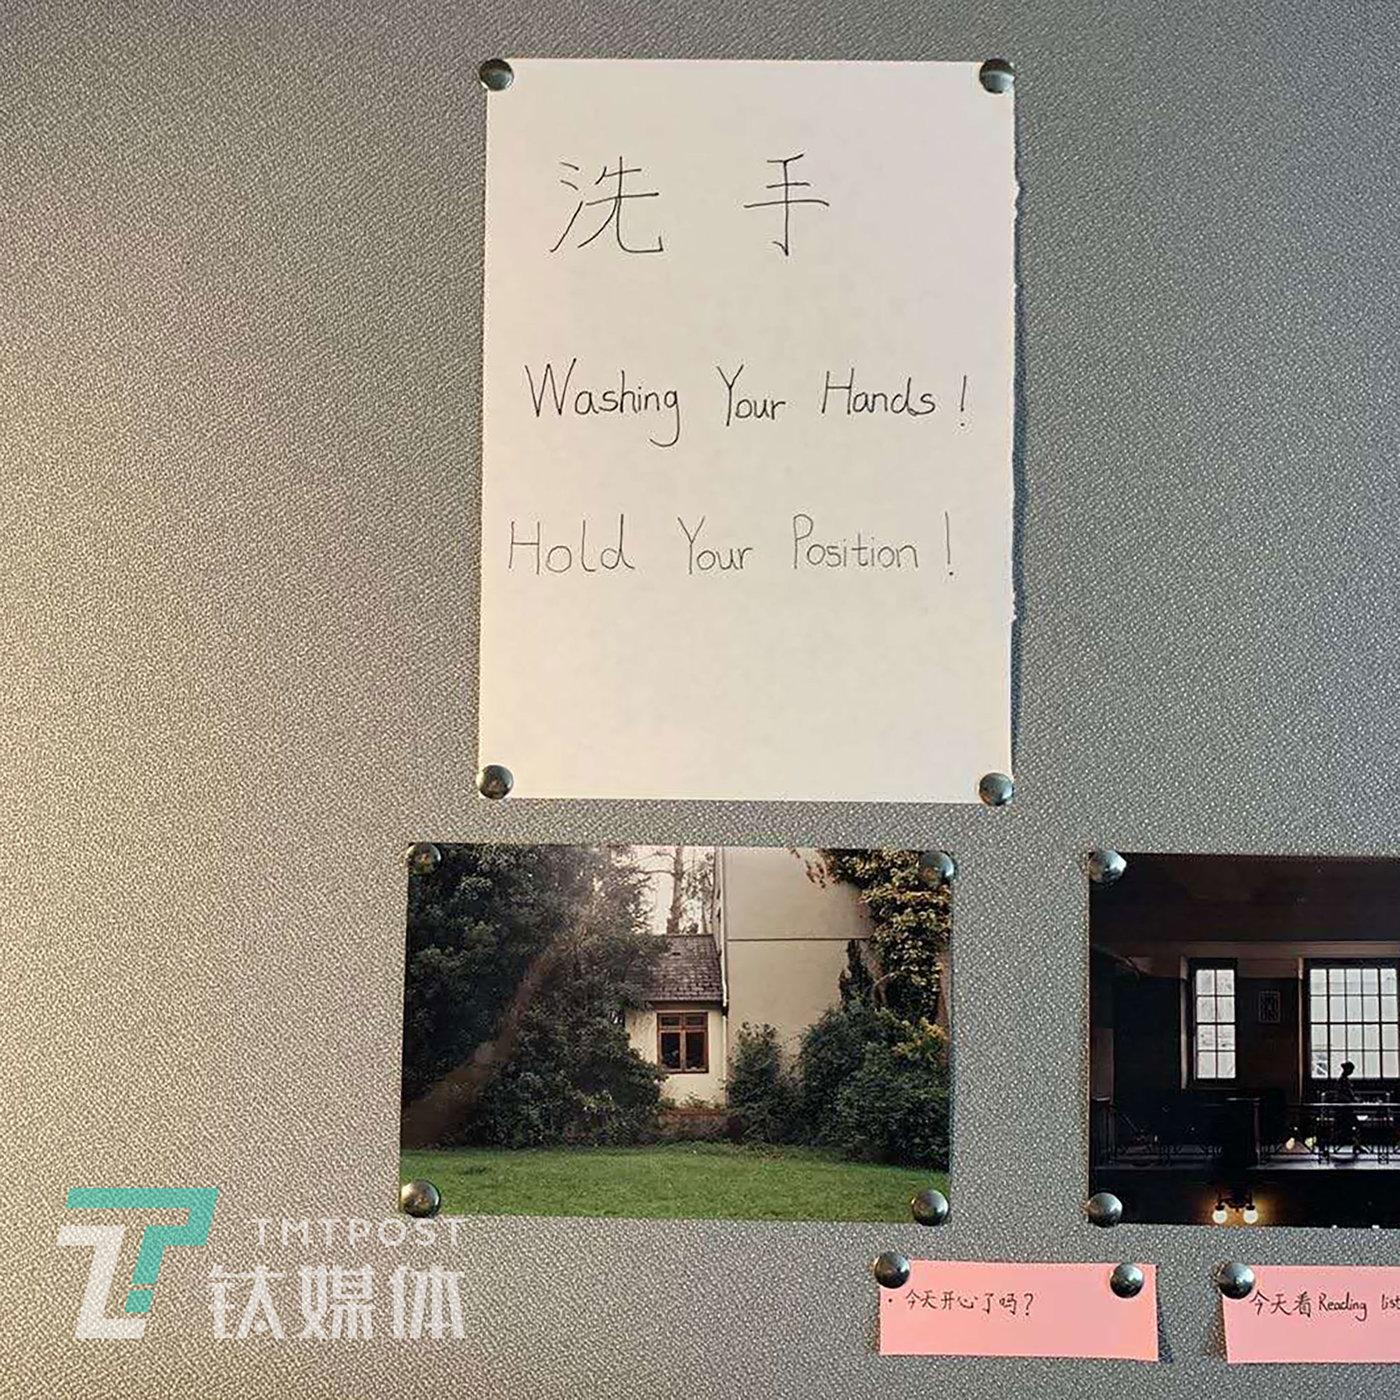 """郑东在墙上贴的小字条,不同字条上面分别写着:""""洗手!"""" """"今天开心了吗?"""""""